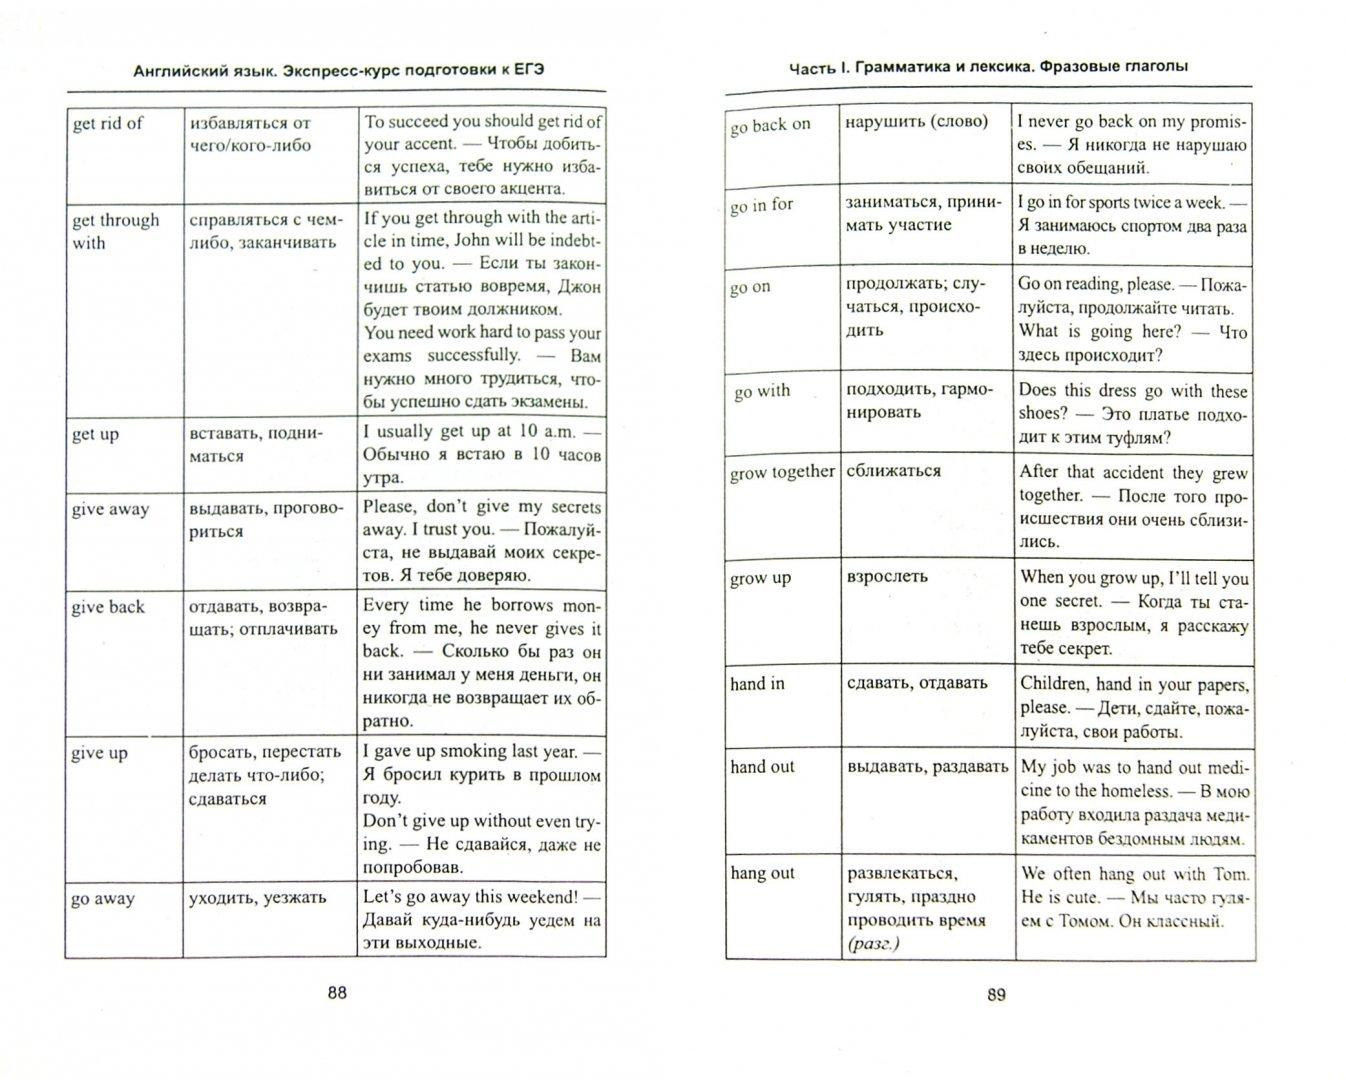 Иллюстрация 1 из 14 для Английский язык. Экспресс-курс подготовки к ЕГЭ - Анжелика Ягудена   Лабиринт - книги. Источник: Лабиринт